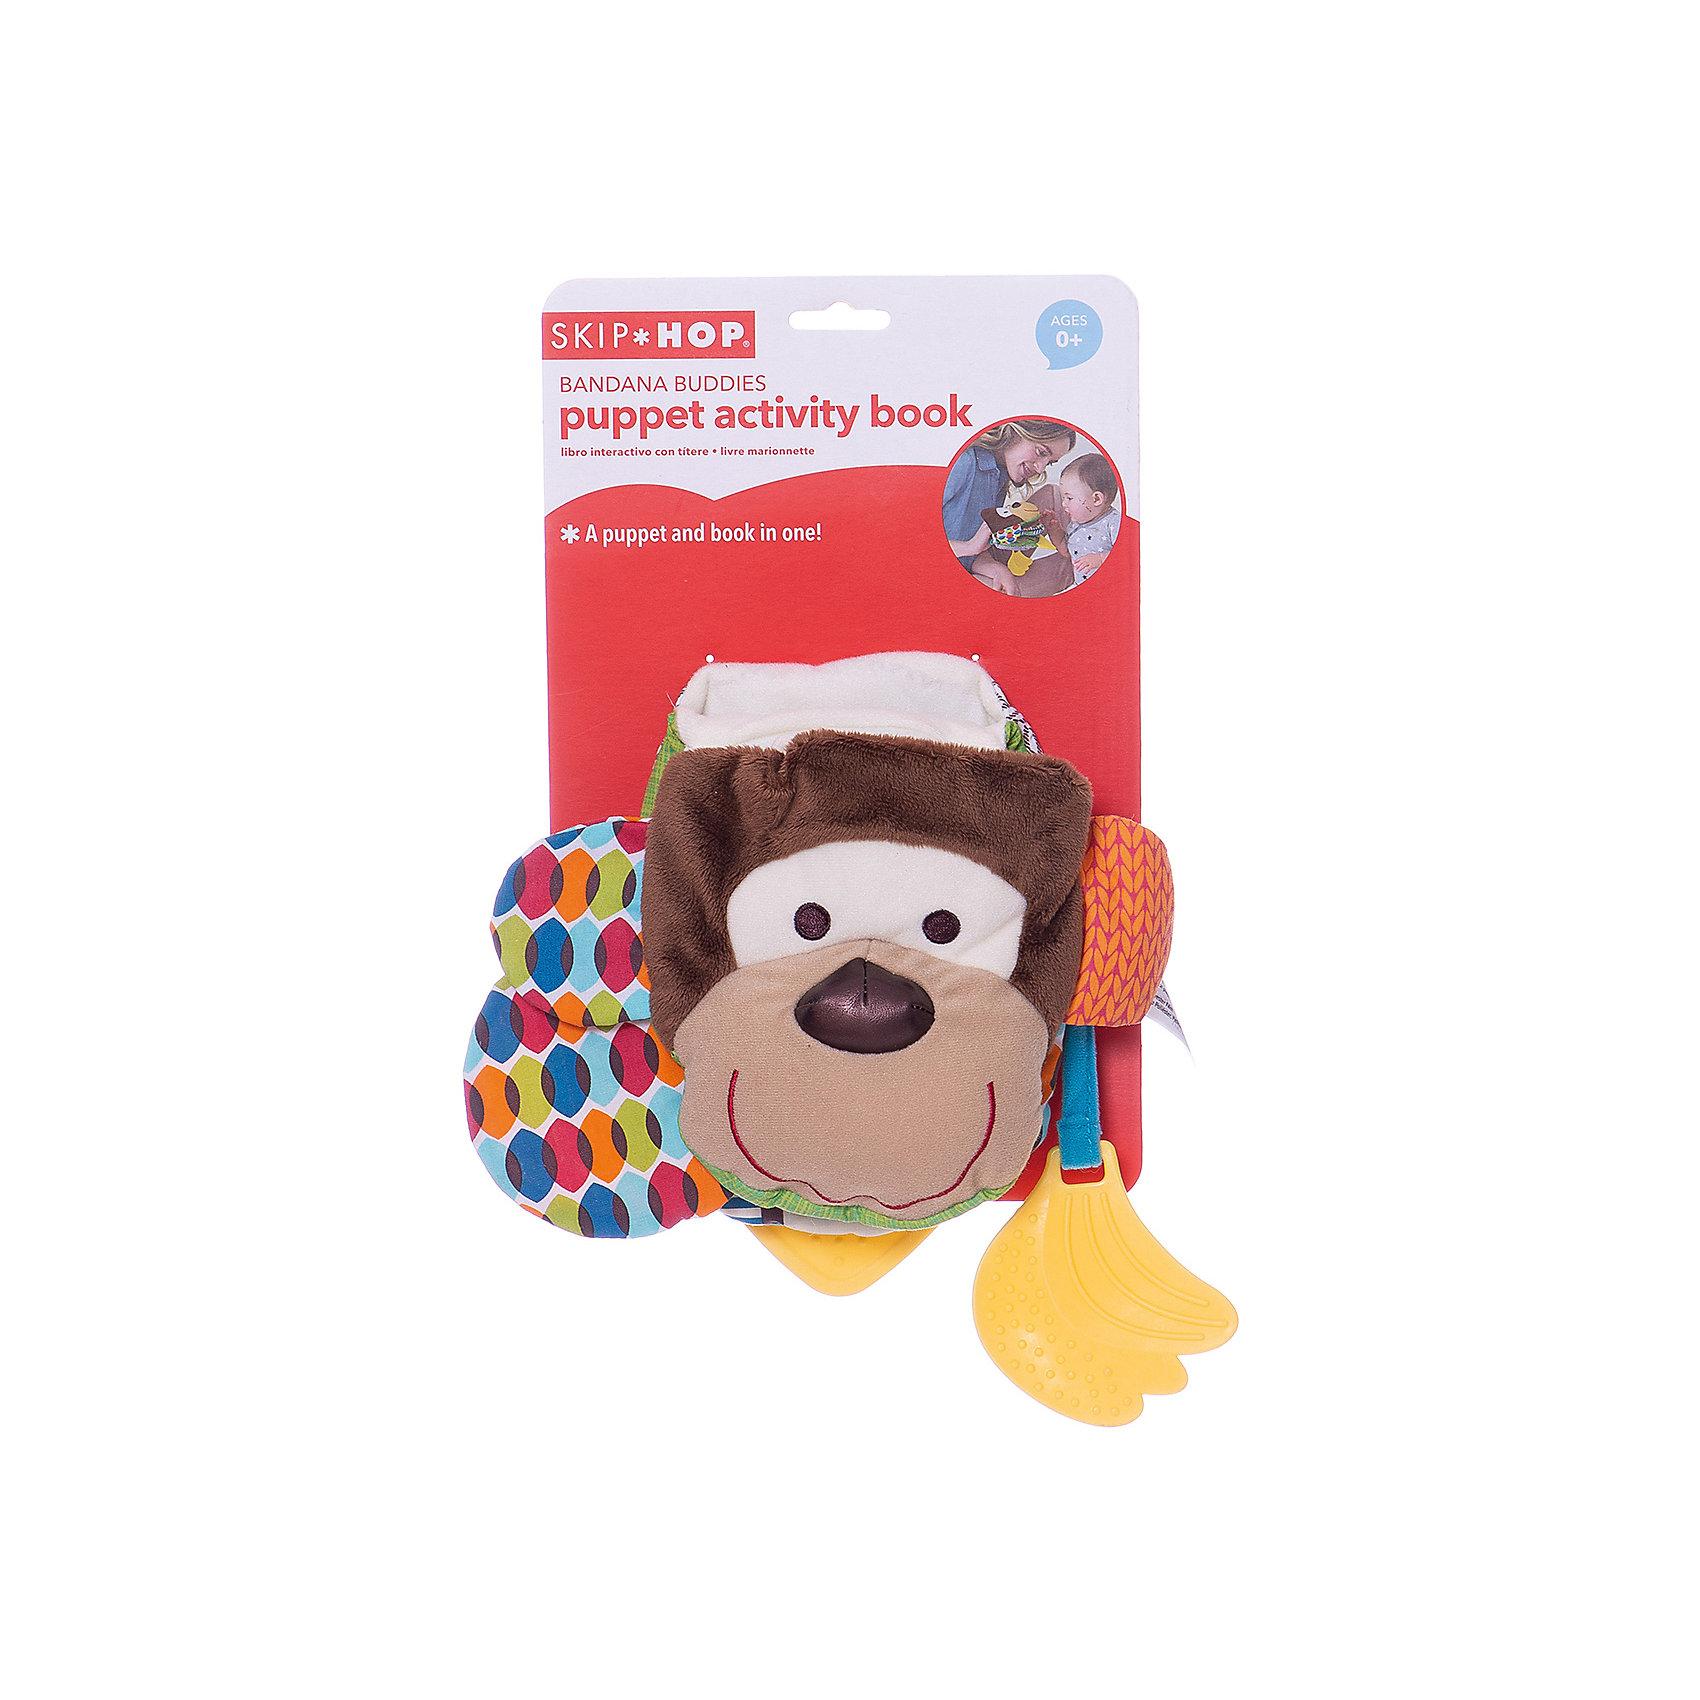 Развивающая игрушка Книжка-обезьяна, Skip HopКнижки-игрушки<br><br><br>Ширина мм: 177<br>Глубина мм: 273<br>Высота мм: 25<br>Вес г: 150<br>Возраст от месяцев: 6<br>Возраст до месяцев: 60<br>Пол: Унисекс<br>Возраст: Детский<br>SKU: 5516392